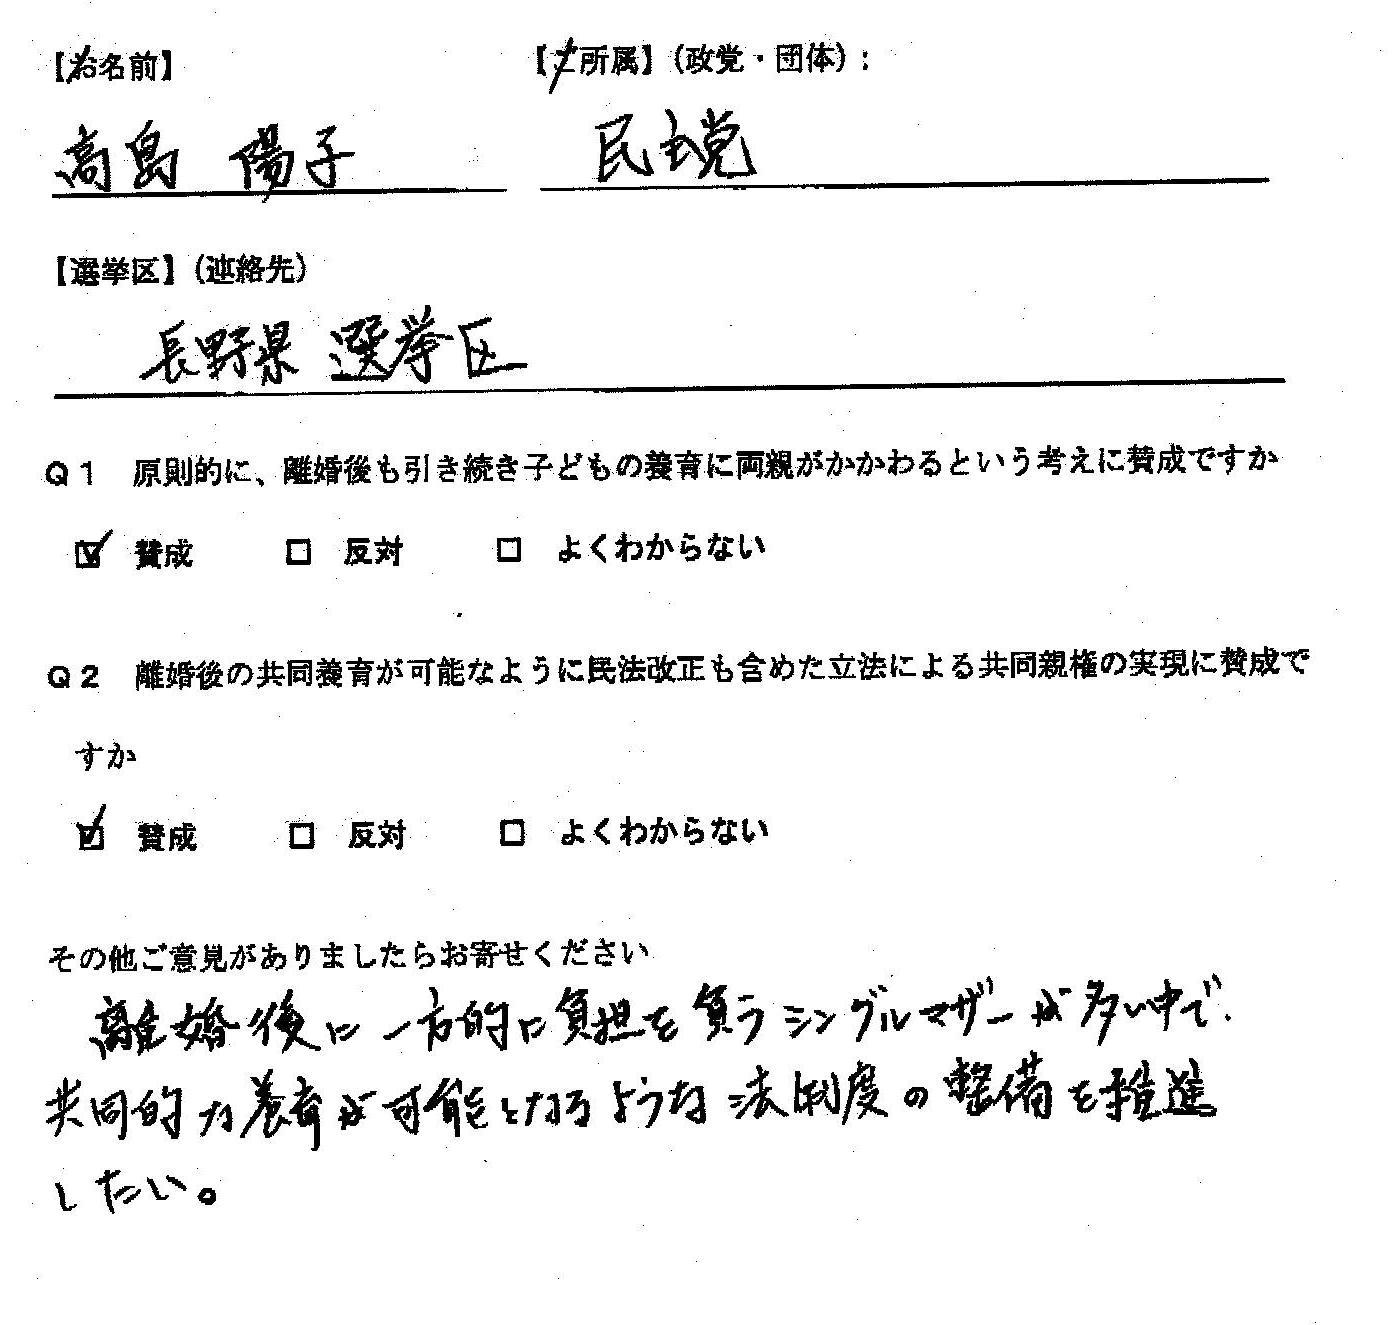 高島 陽子長野